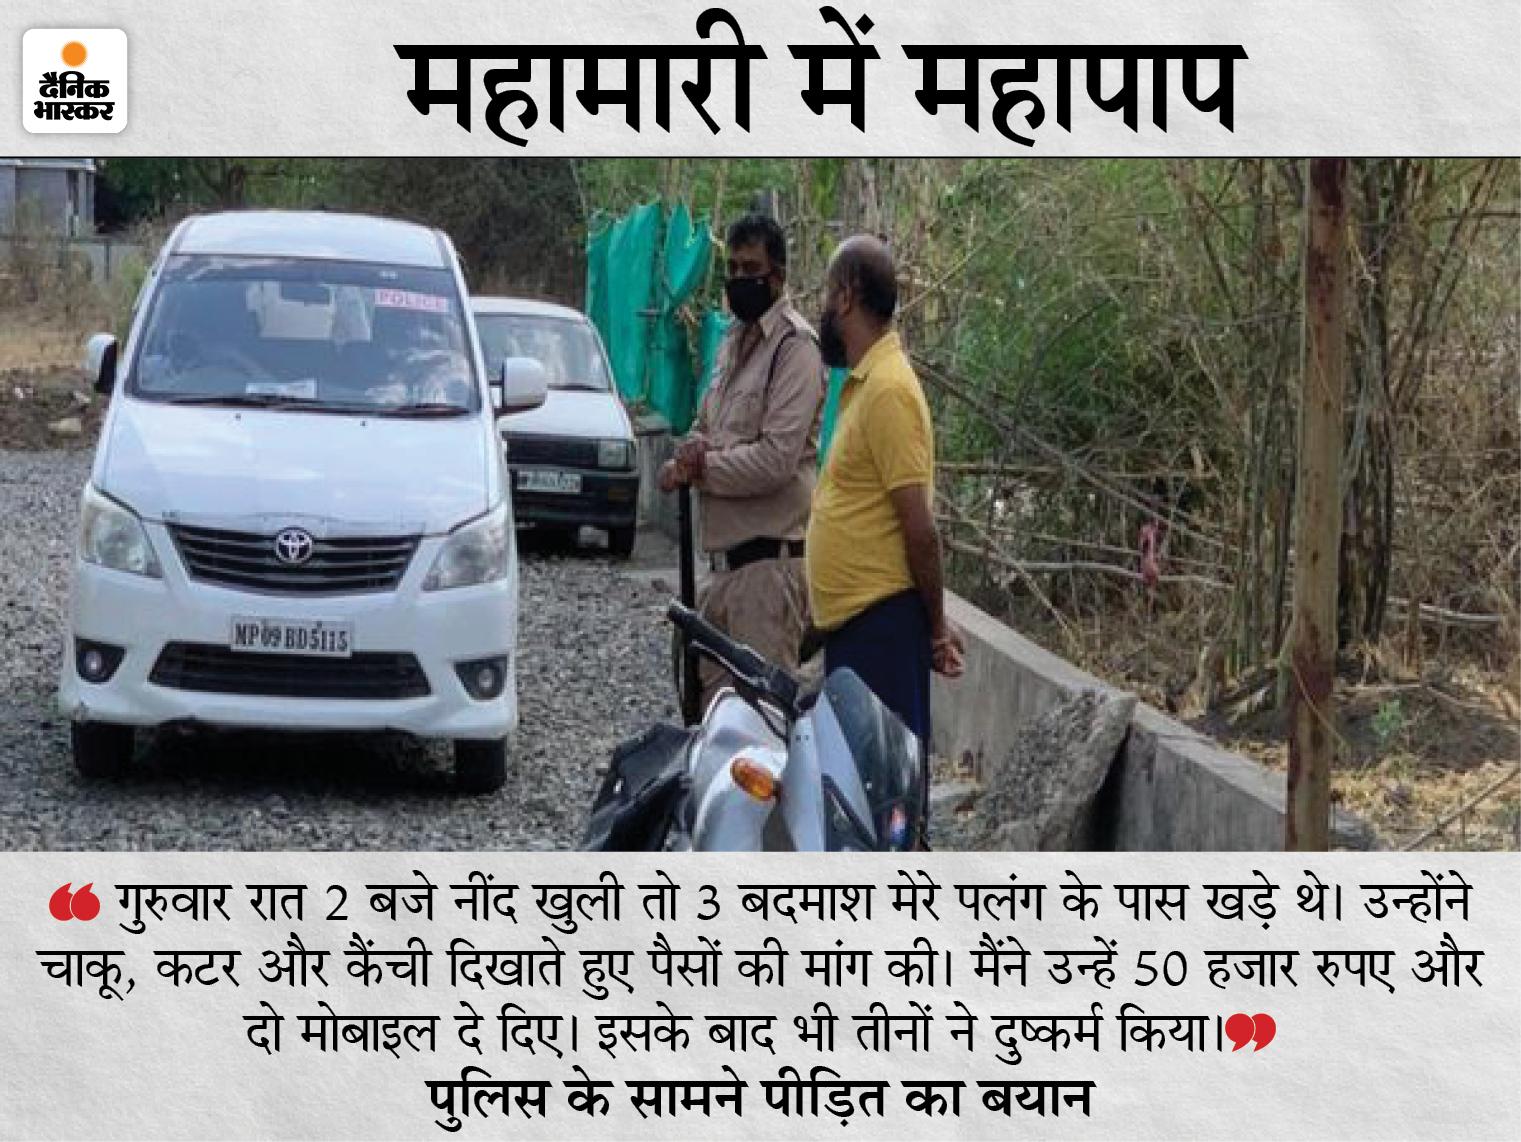 3 बदमाशों ने चाकू-कैंची दिखाकर दुष्कर्म किया; 50 हजार रुपए और 2 मोबाइल भी लूटे इंदौर,Indore - Dainik Bhaskar